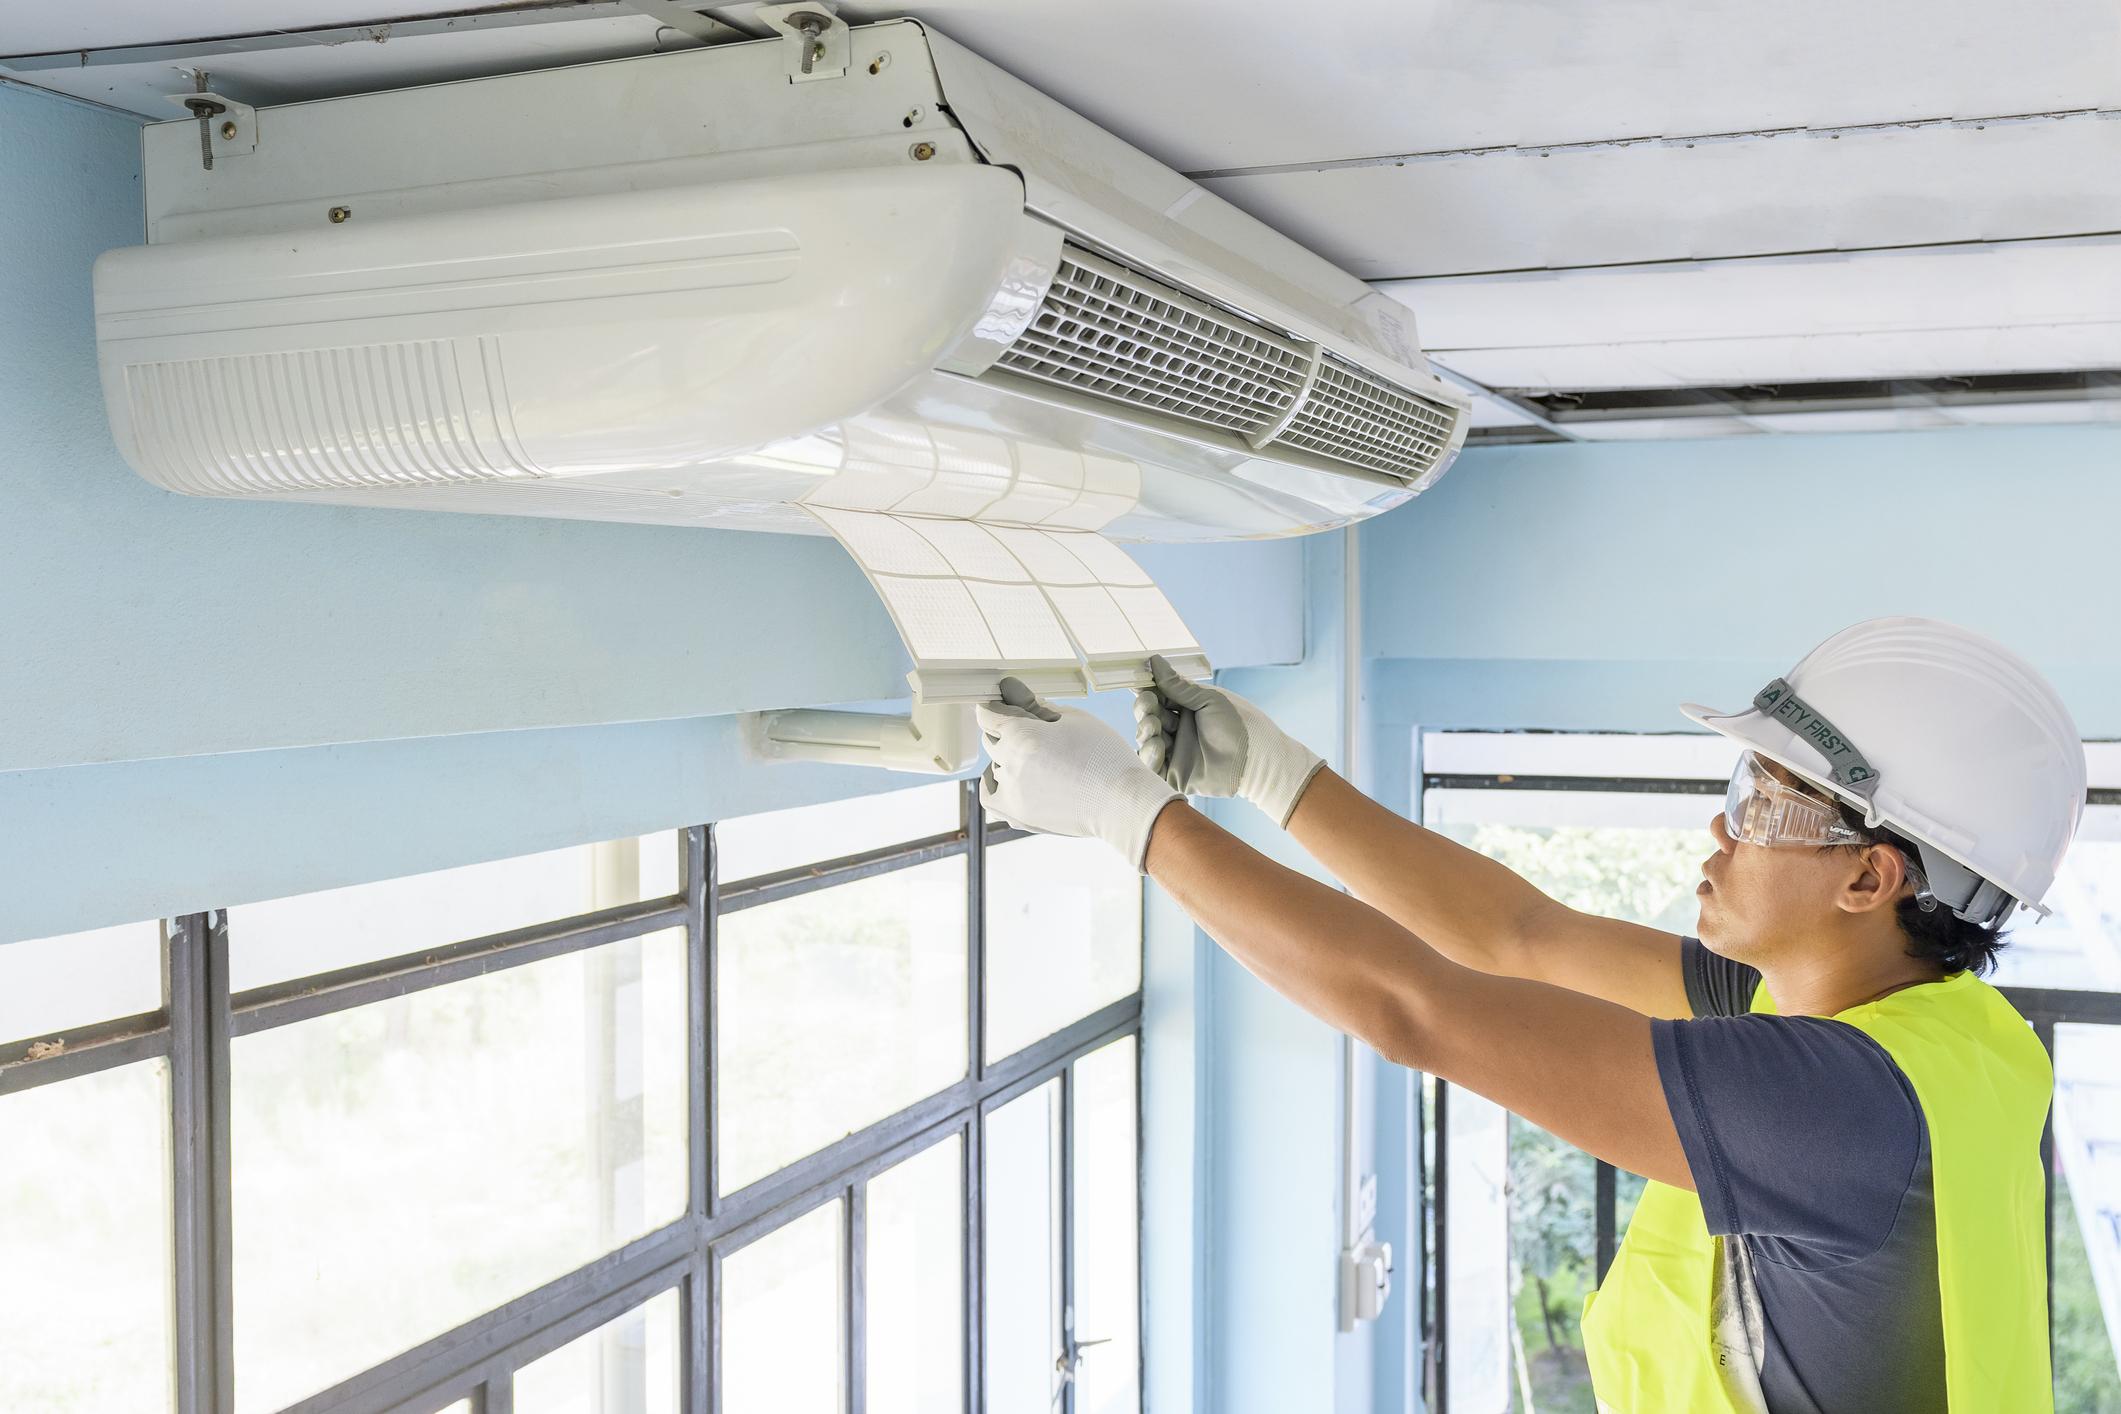 entra-em-vigor-lei-que-obriga-manutencao-de-ar-condicionado-em-edificios